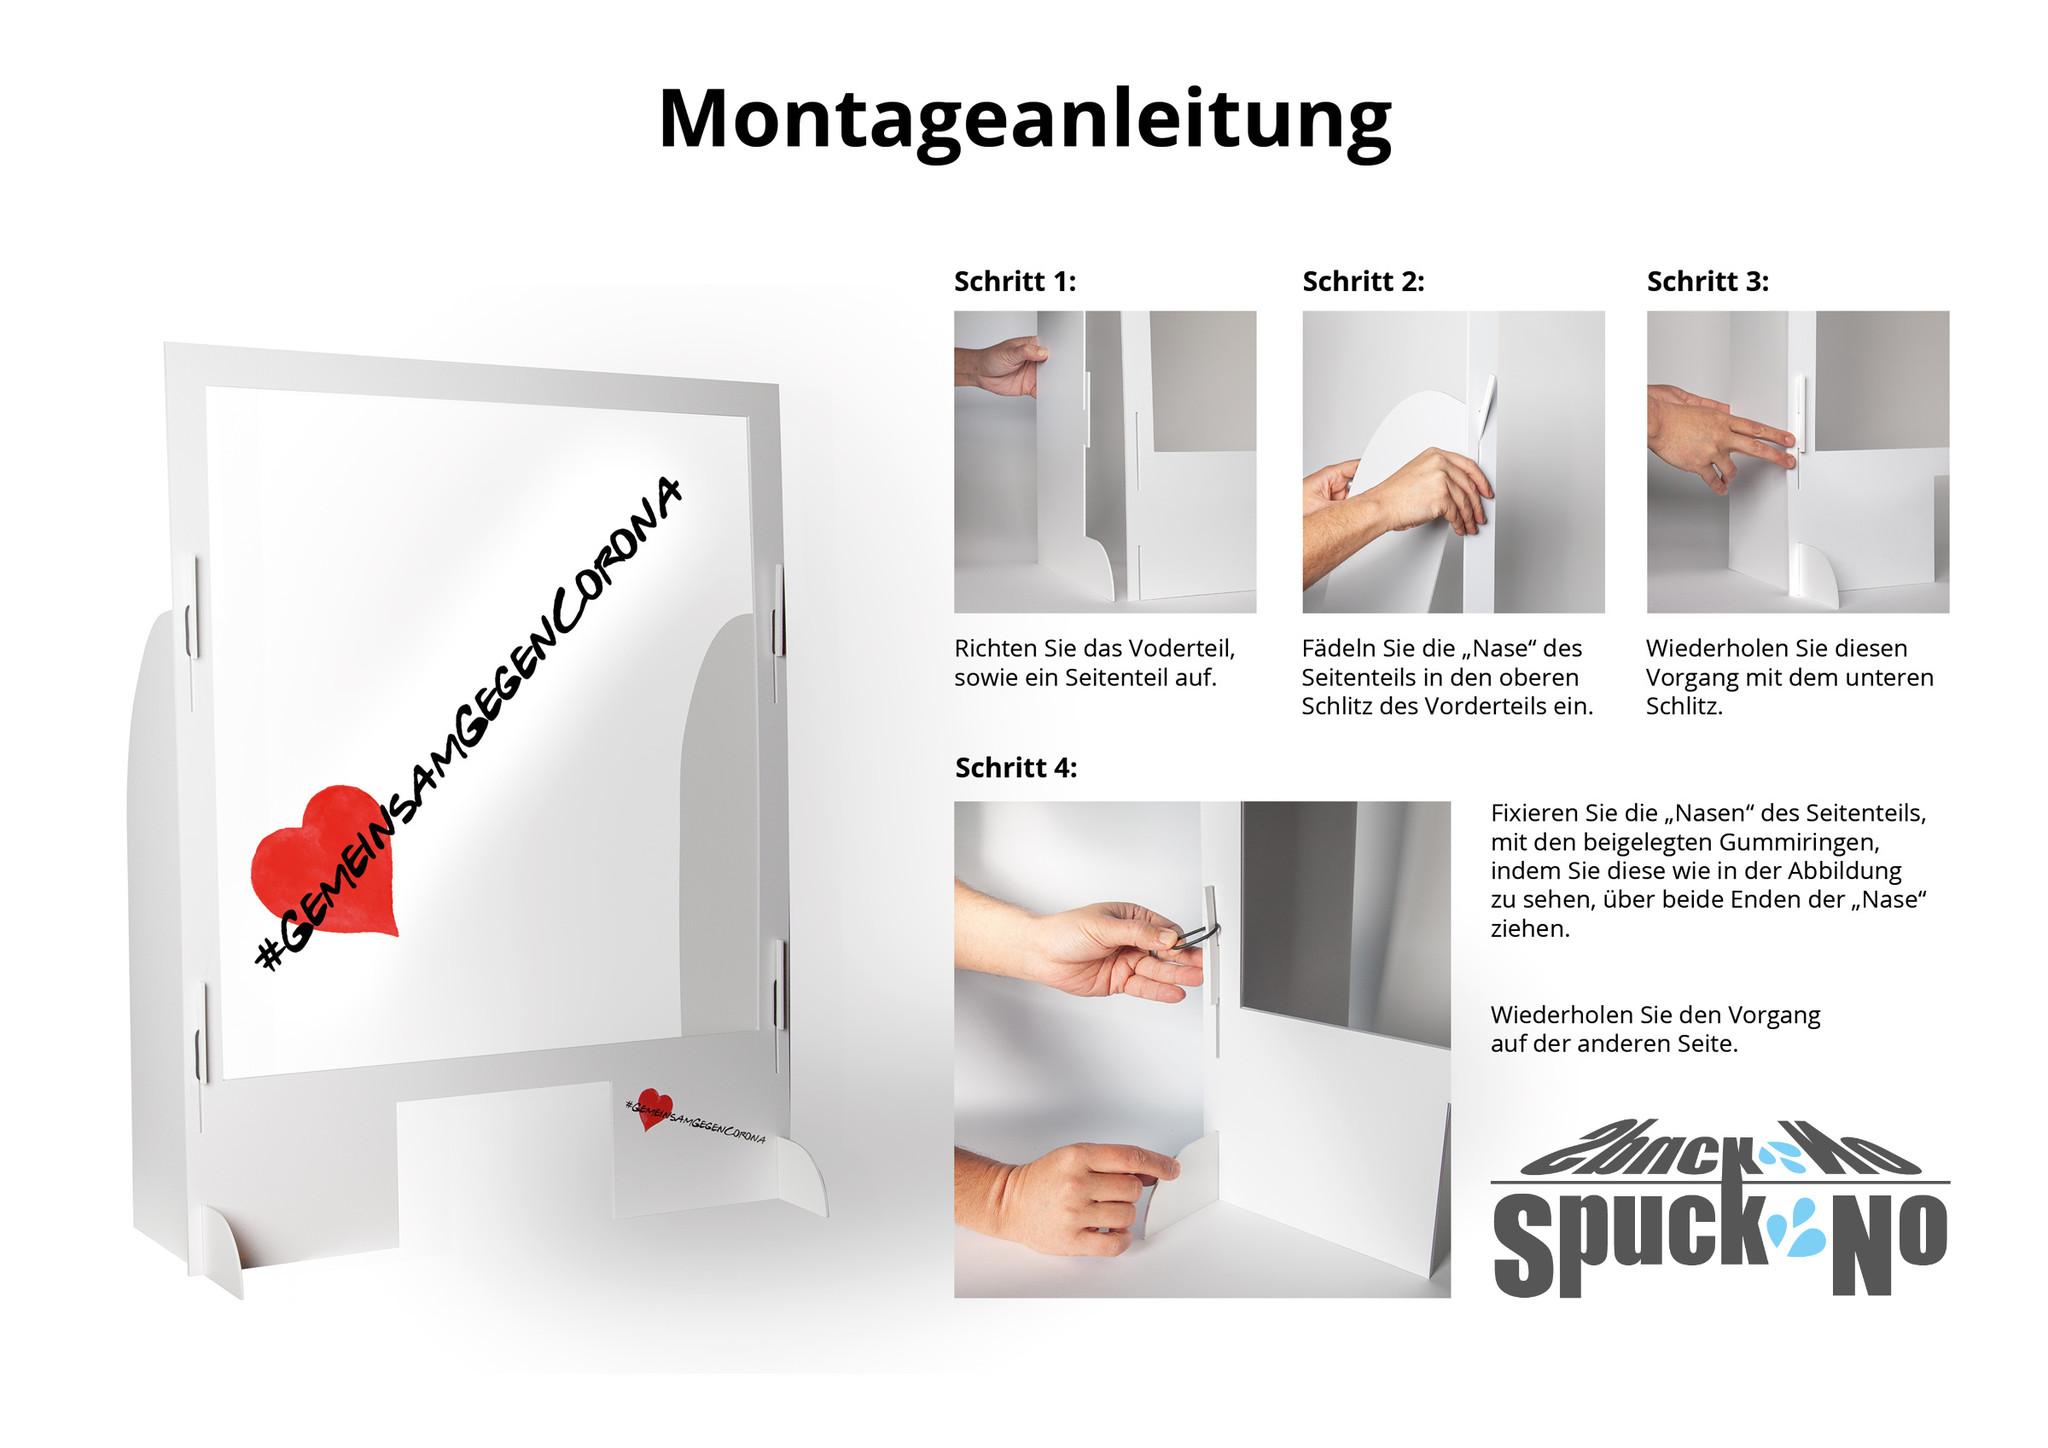 Spuckschutz | SpuckNo | breit für niedrige Handauflage